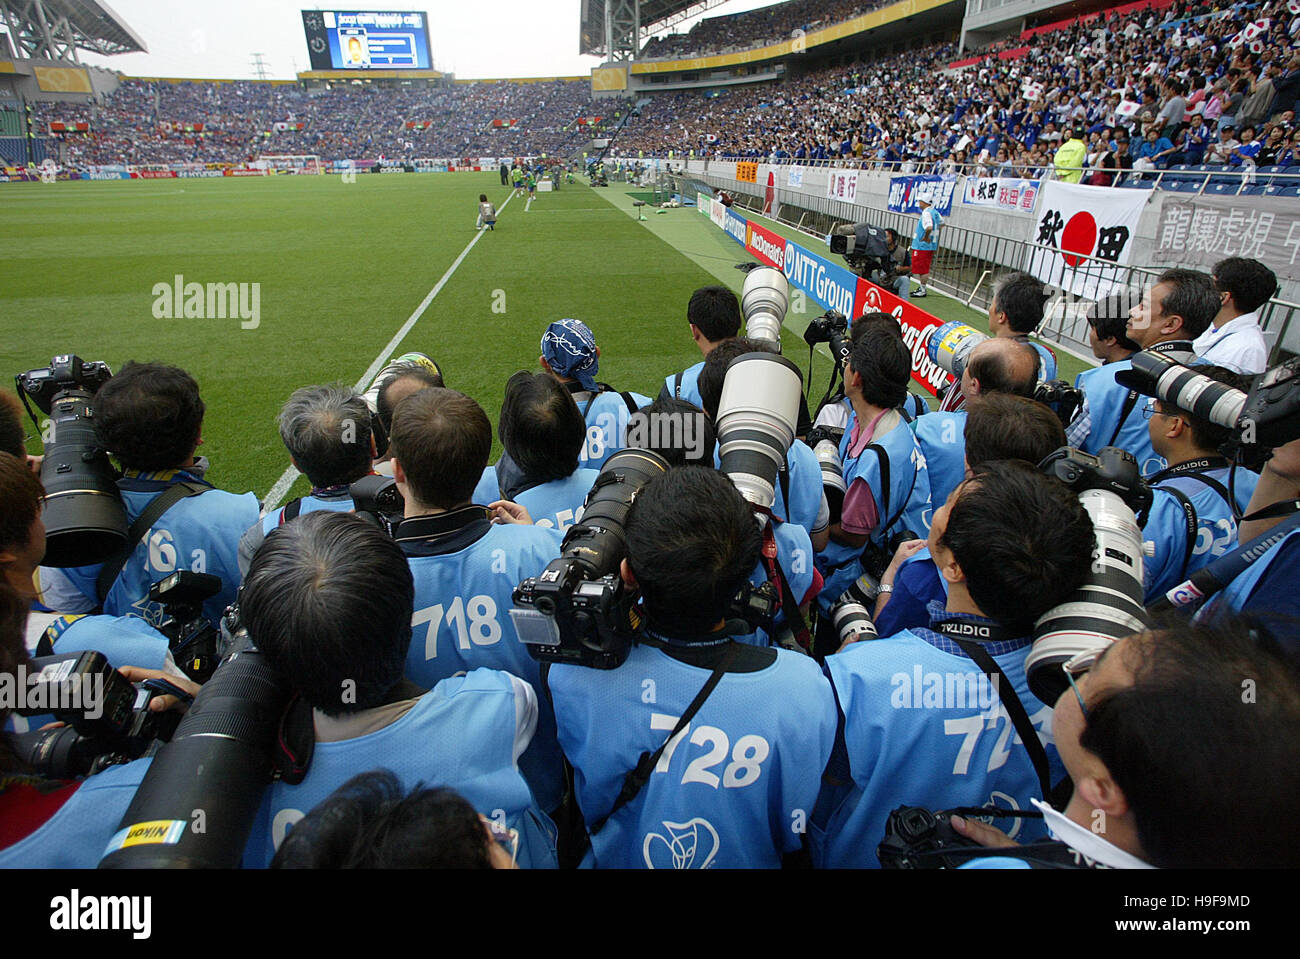 PHOTOGRAPHERS AT WORLD CUP WORLD CUP FINALS SAITAMA STADIUM SAITAMA JAPAN 04 June 2002 - Stock Image